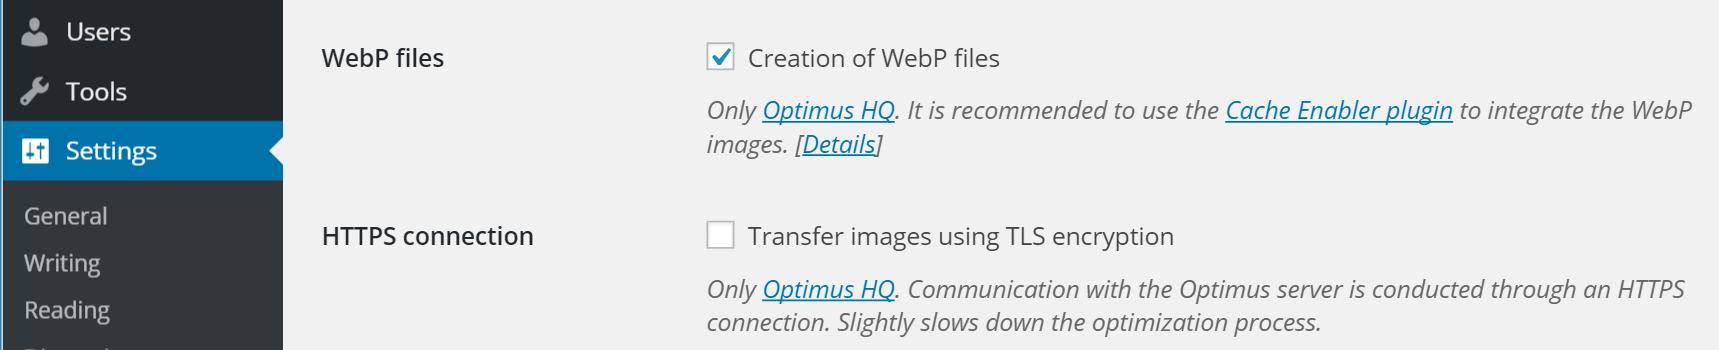 creación de archivos webp